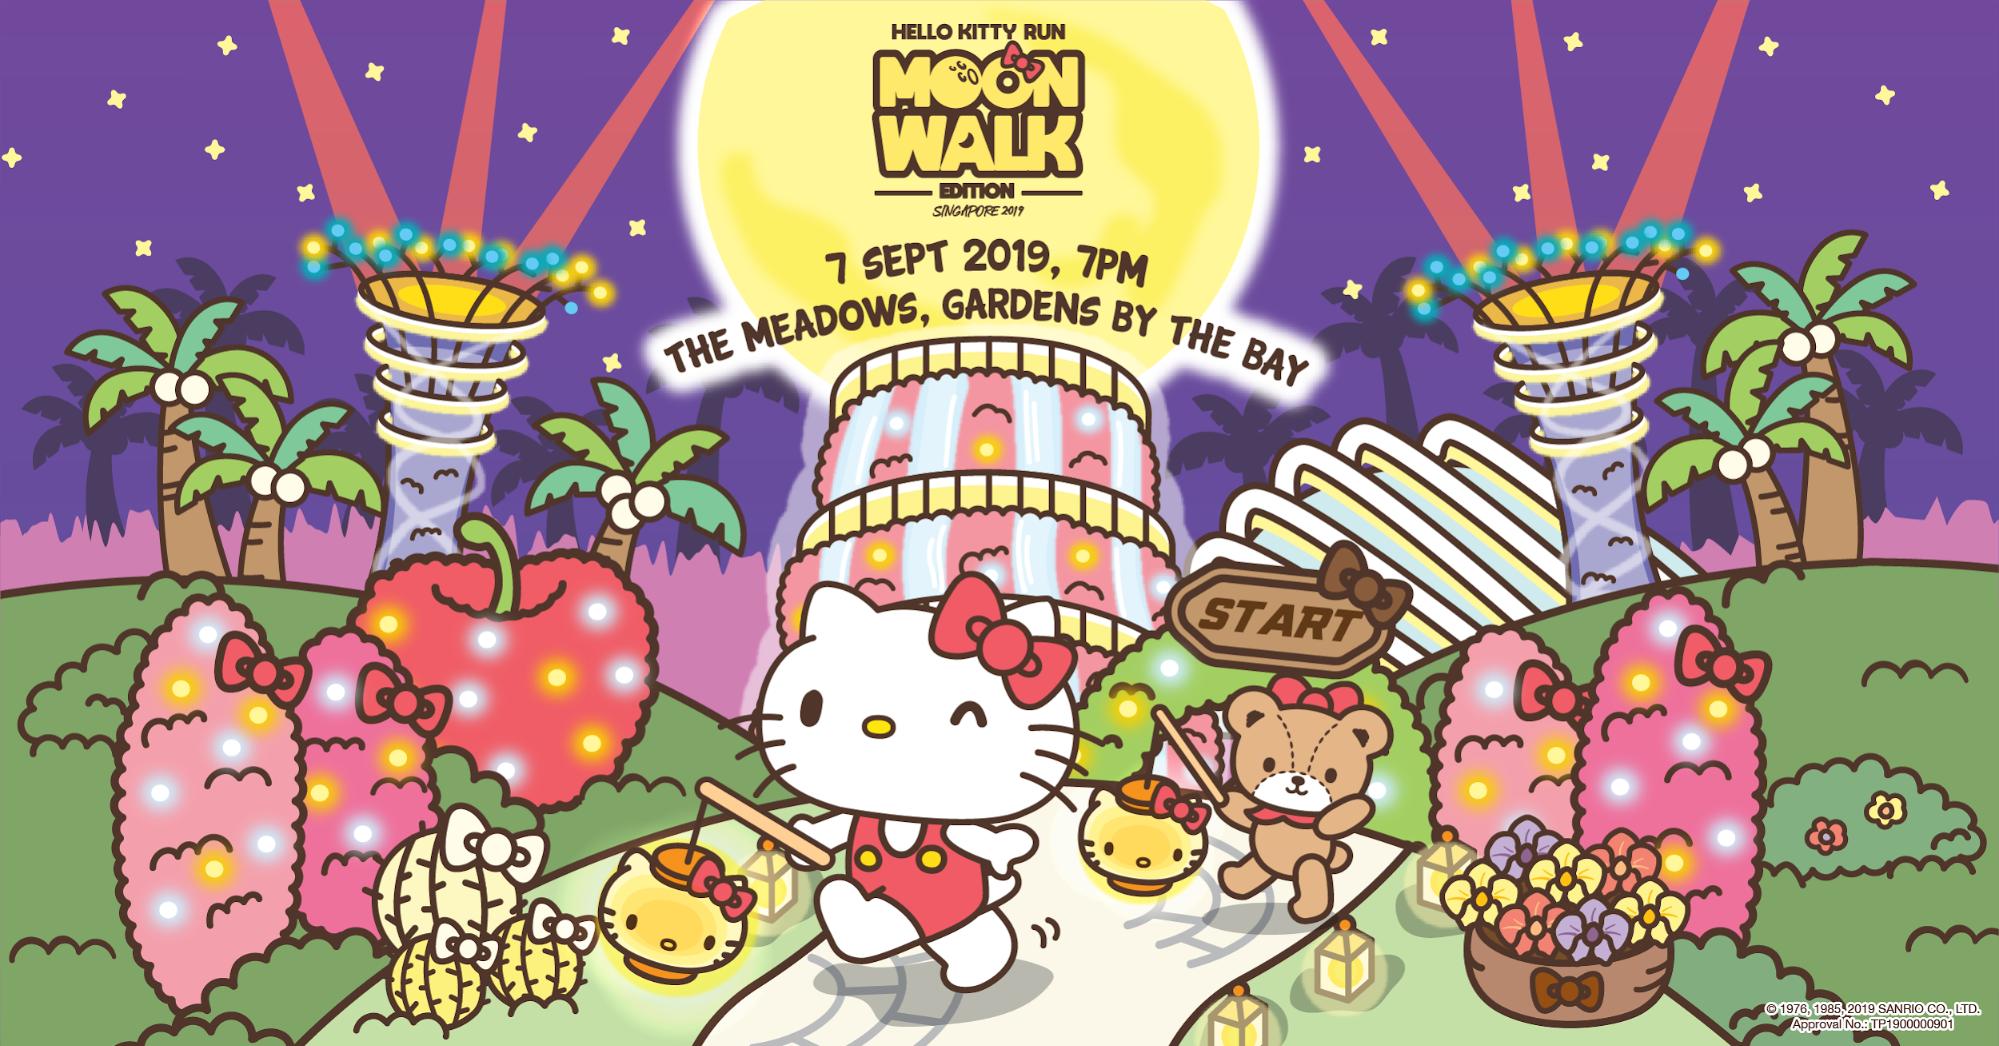 Hello Kitty Run 2019 - hello kitty run moon walk edition poster